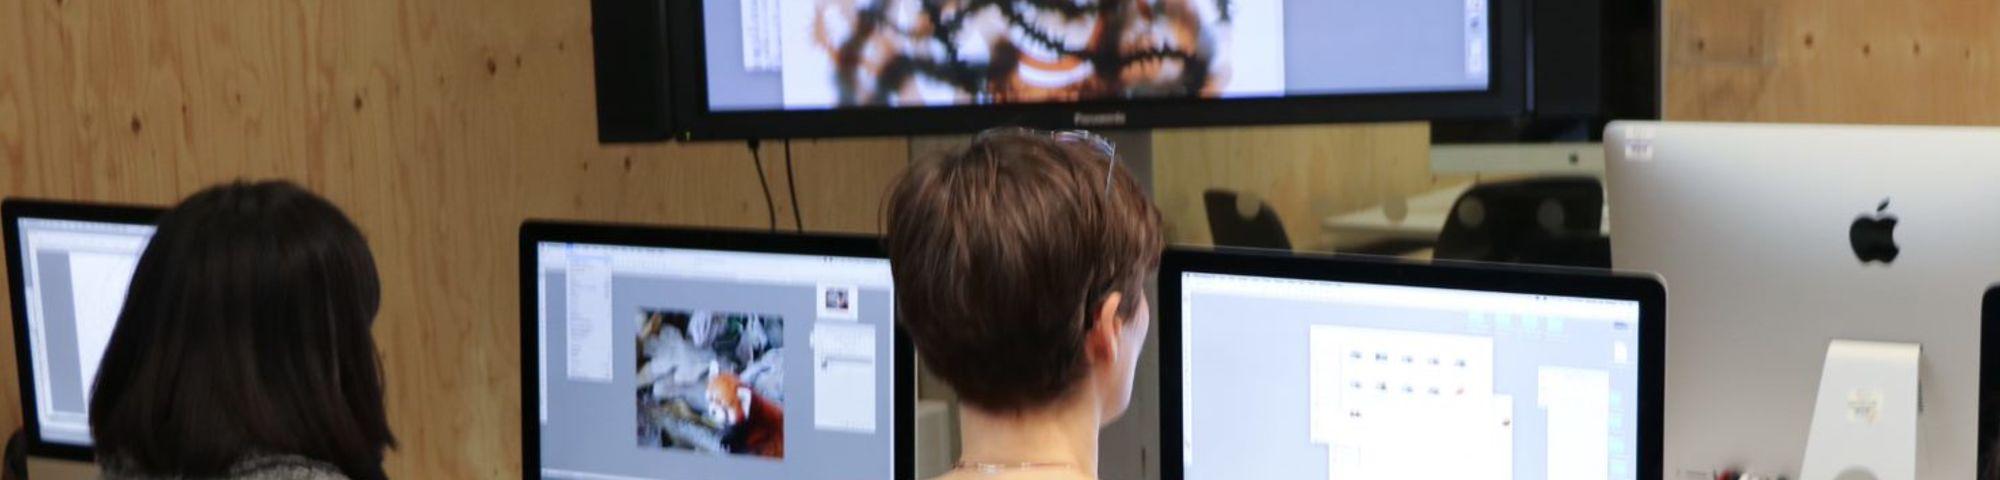 people looking at screens